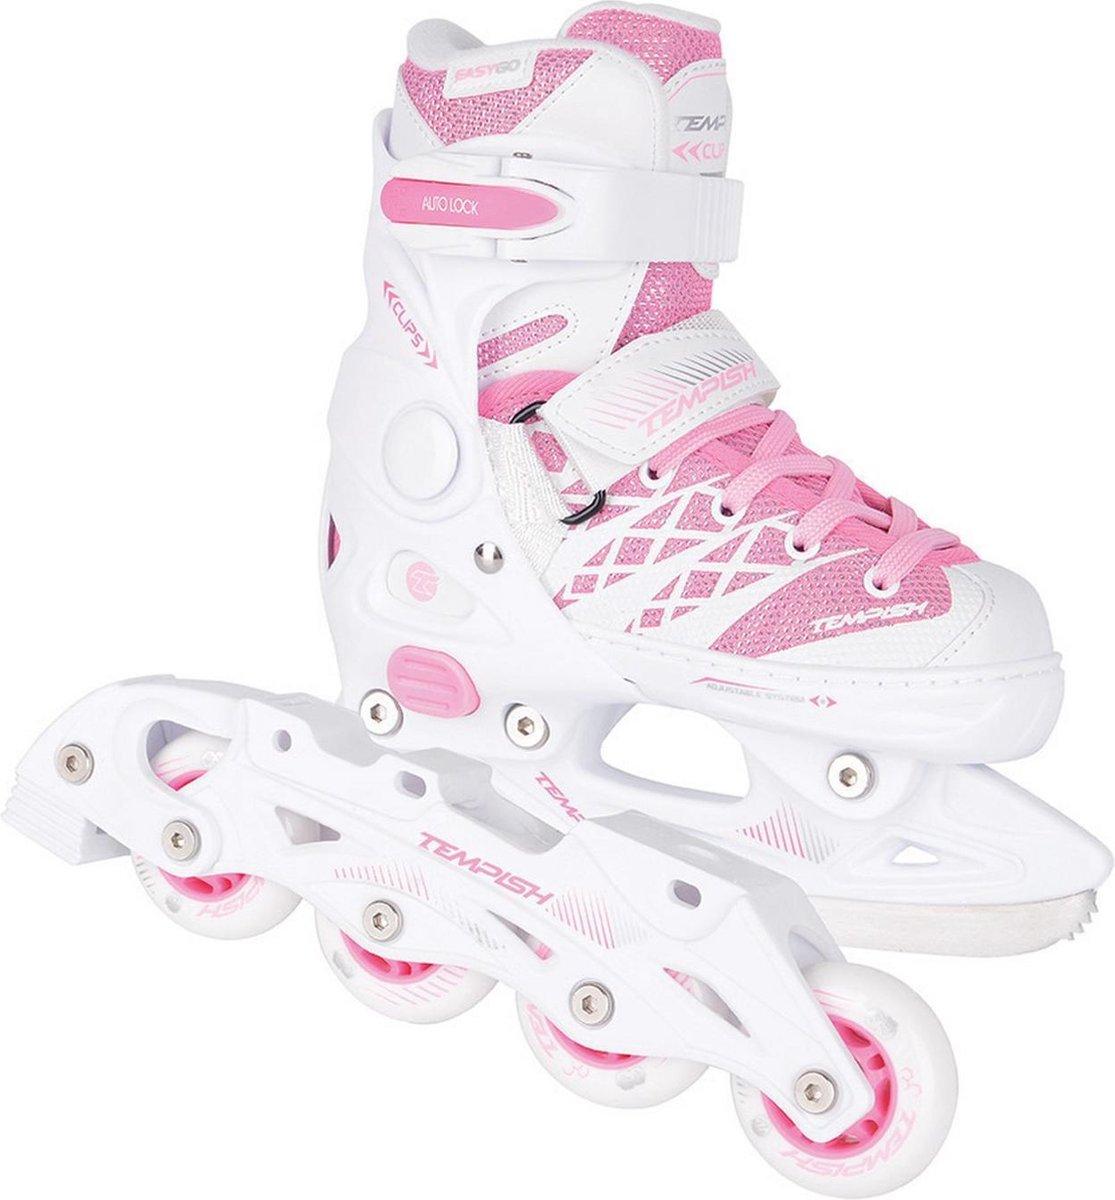 Tempish Kunstschaatsen/skates verstelbaar CLIPS DUO Meisjes Wit/Roze 29-32